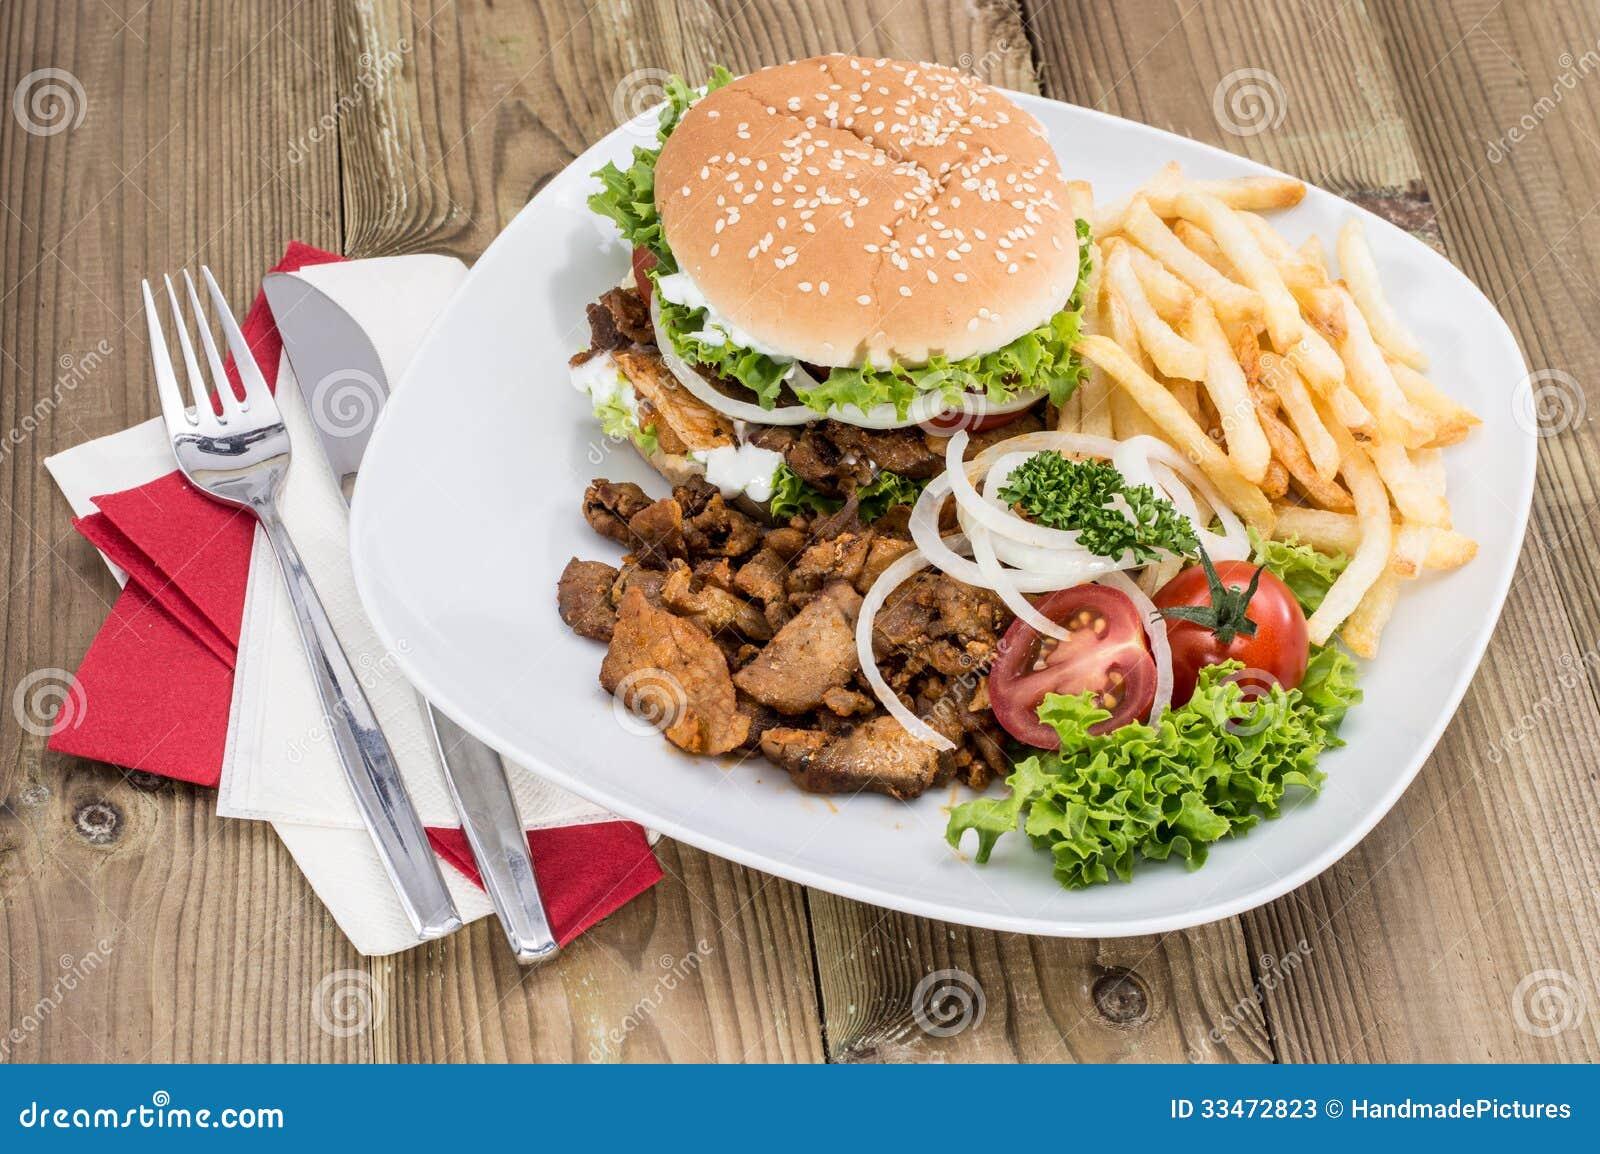 Kebab Burger Mit Chips Auf Holz Stockbild Bild Von Mittelmeer